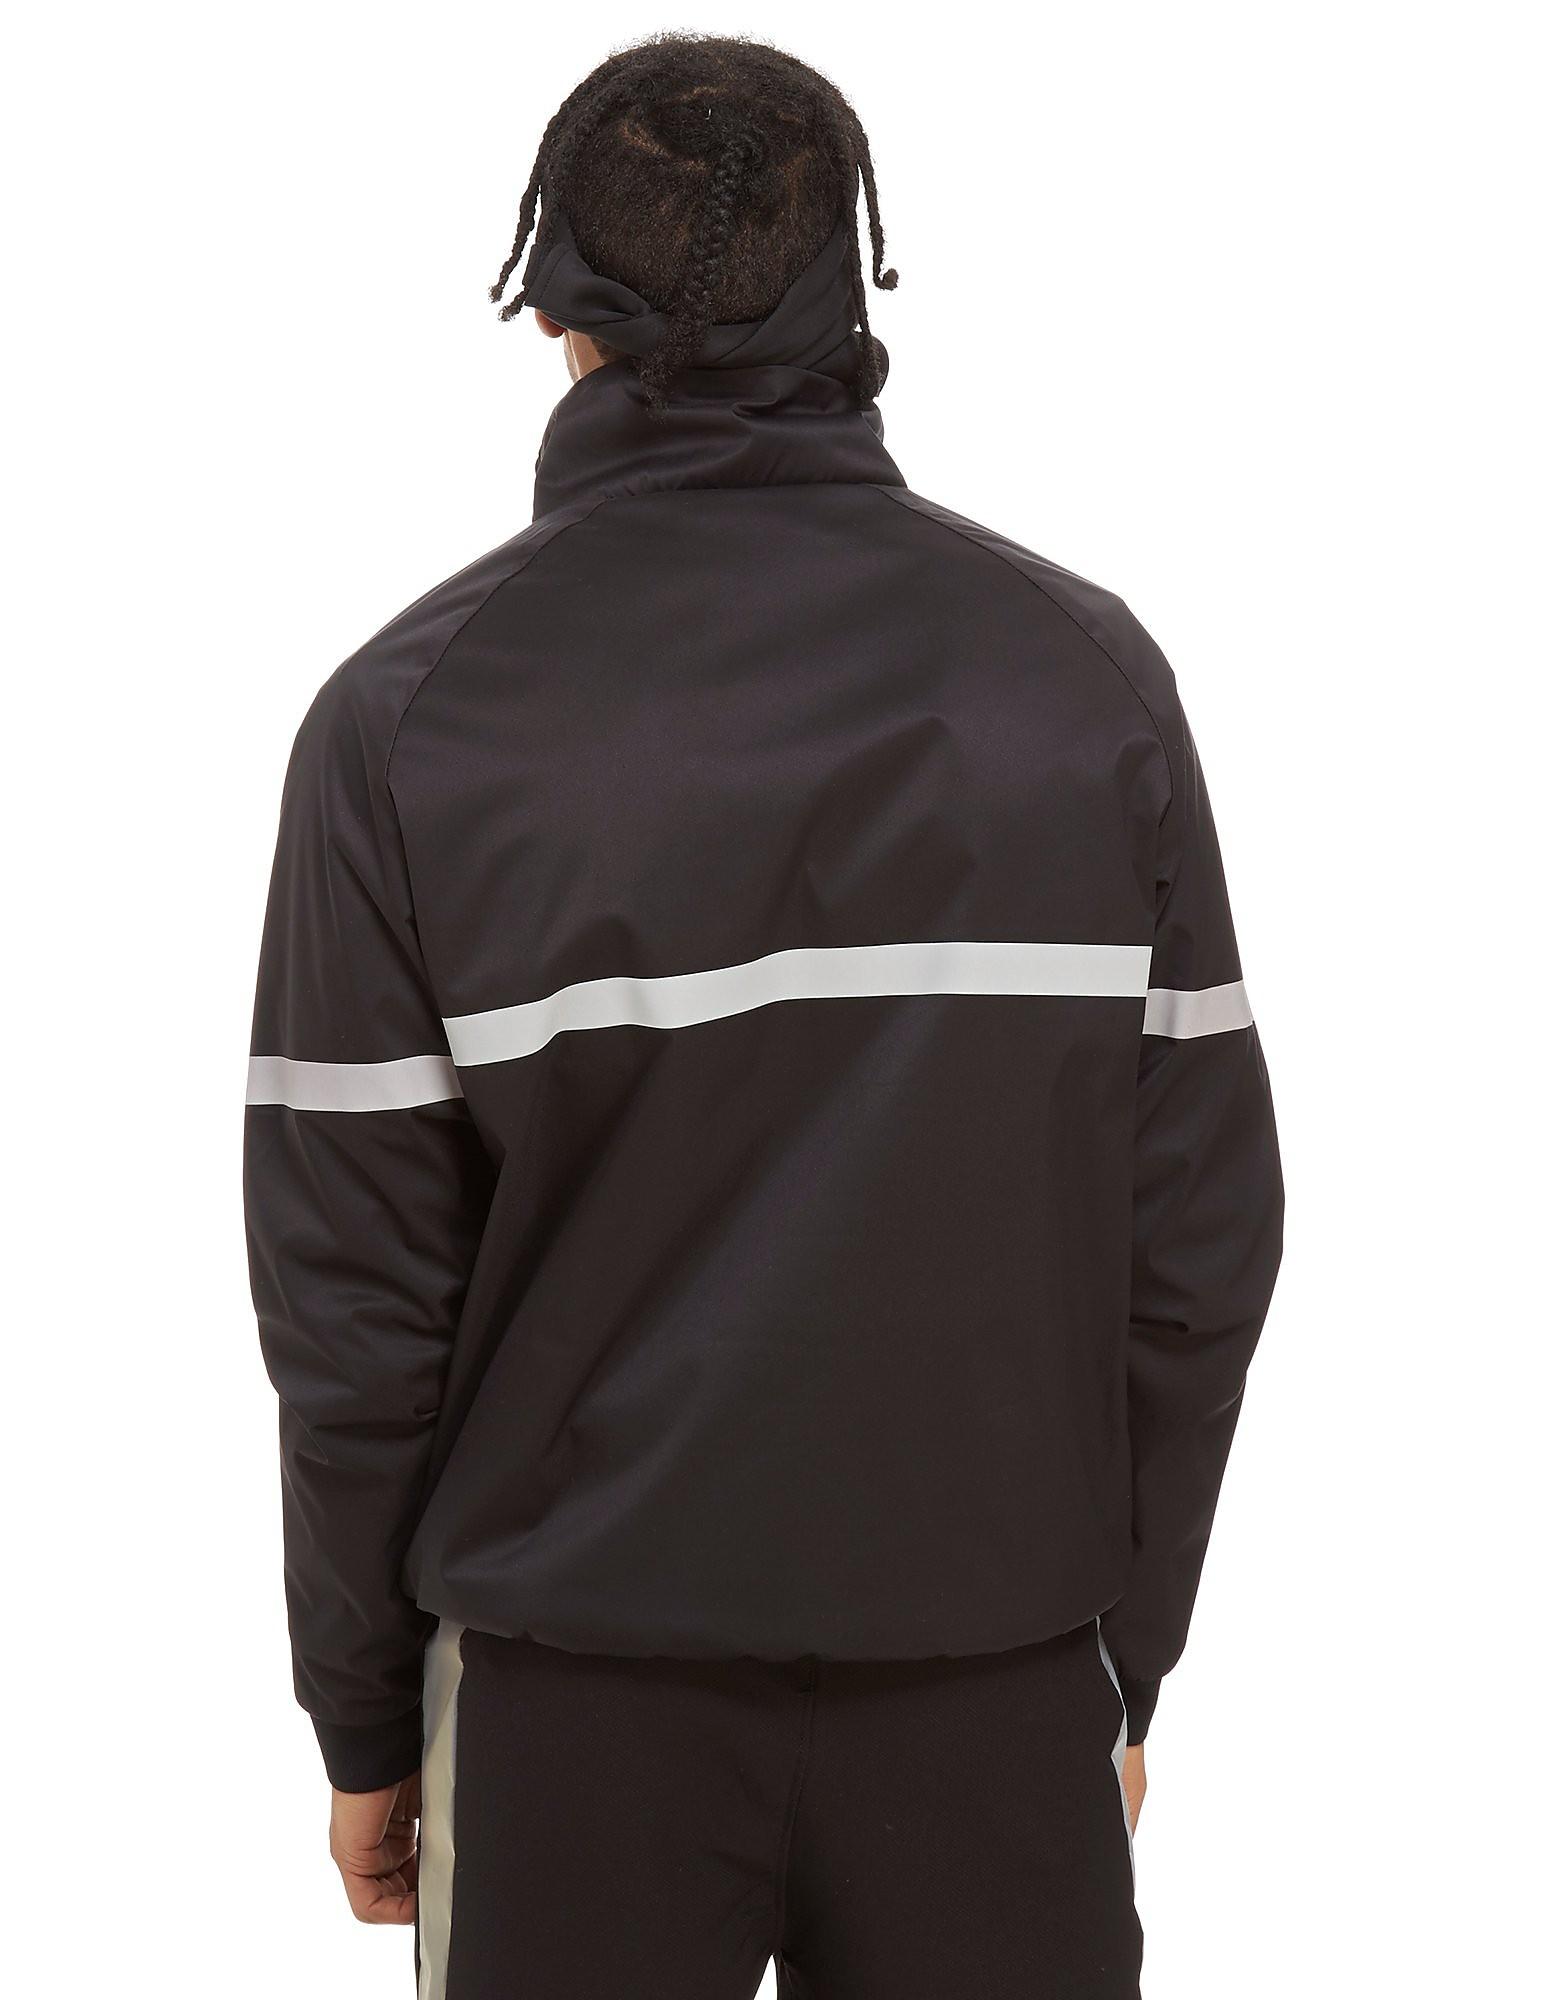 Align Bearcat Jacket